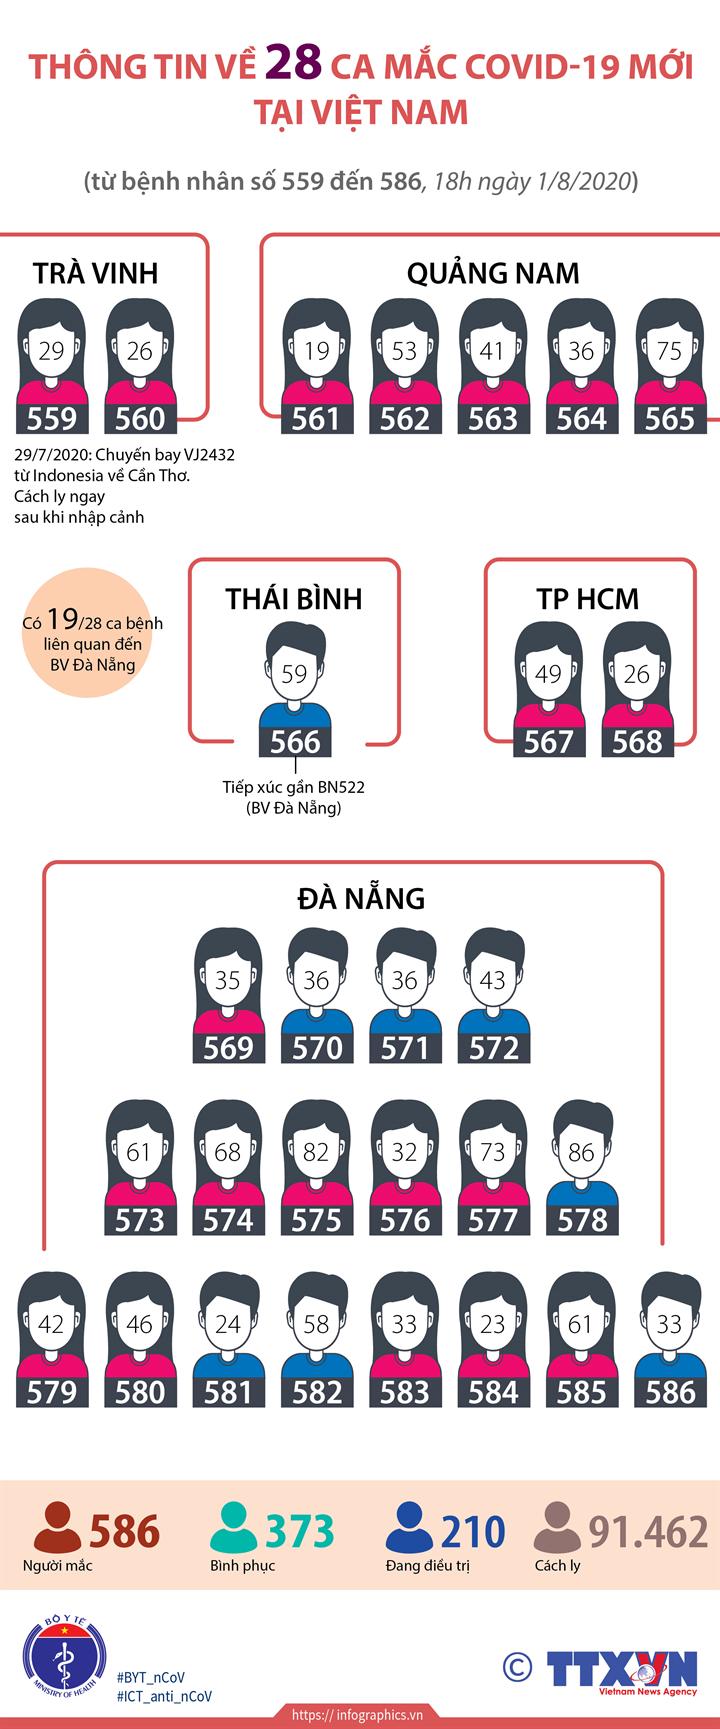 Thông tin 28 ca mắc COVID-19 mới tại Việt Nam  (Từ BN559 đến BN586, 18h ngày 1/8/2020)